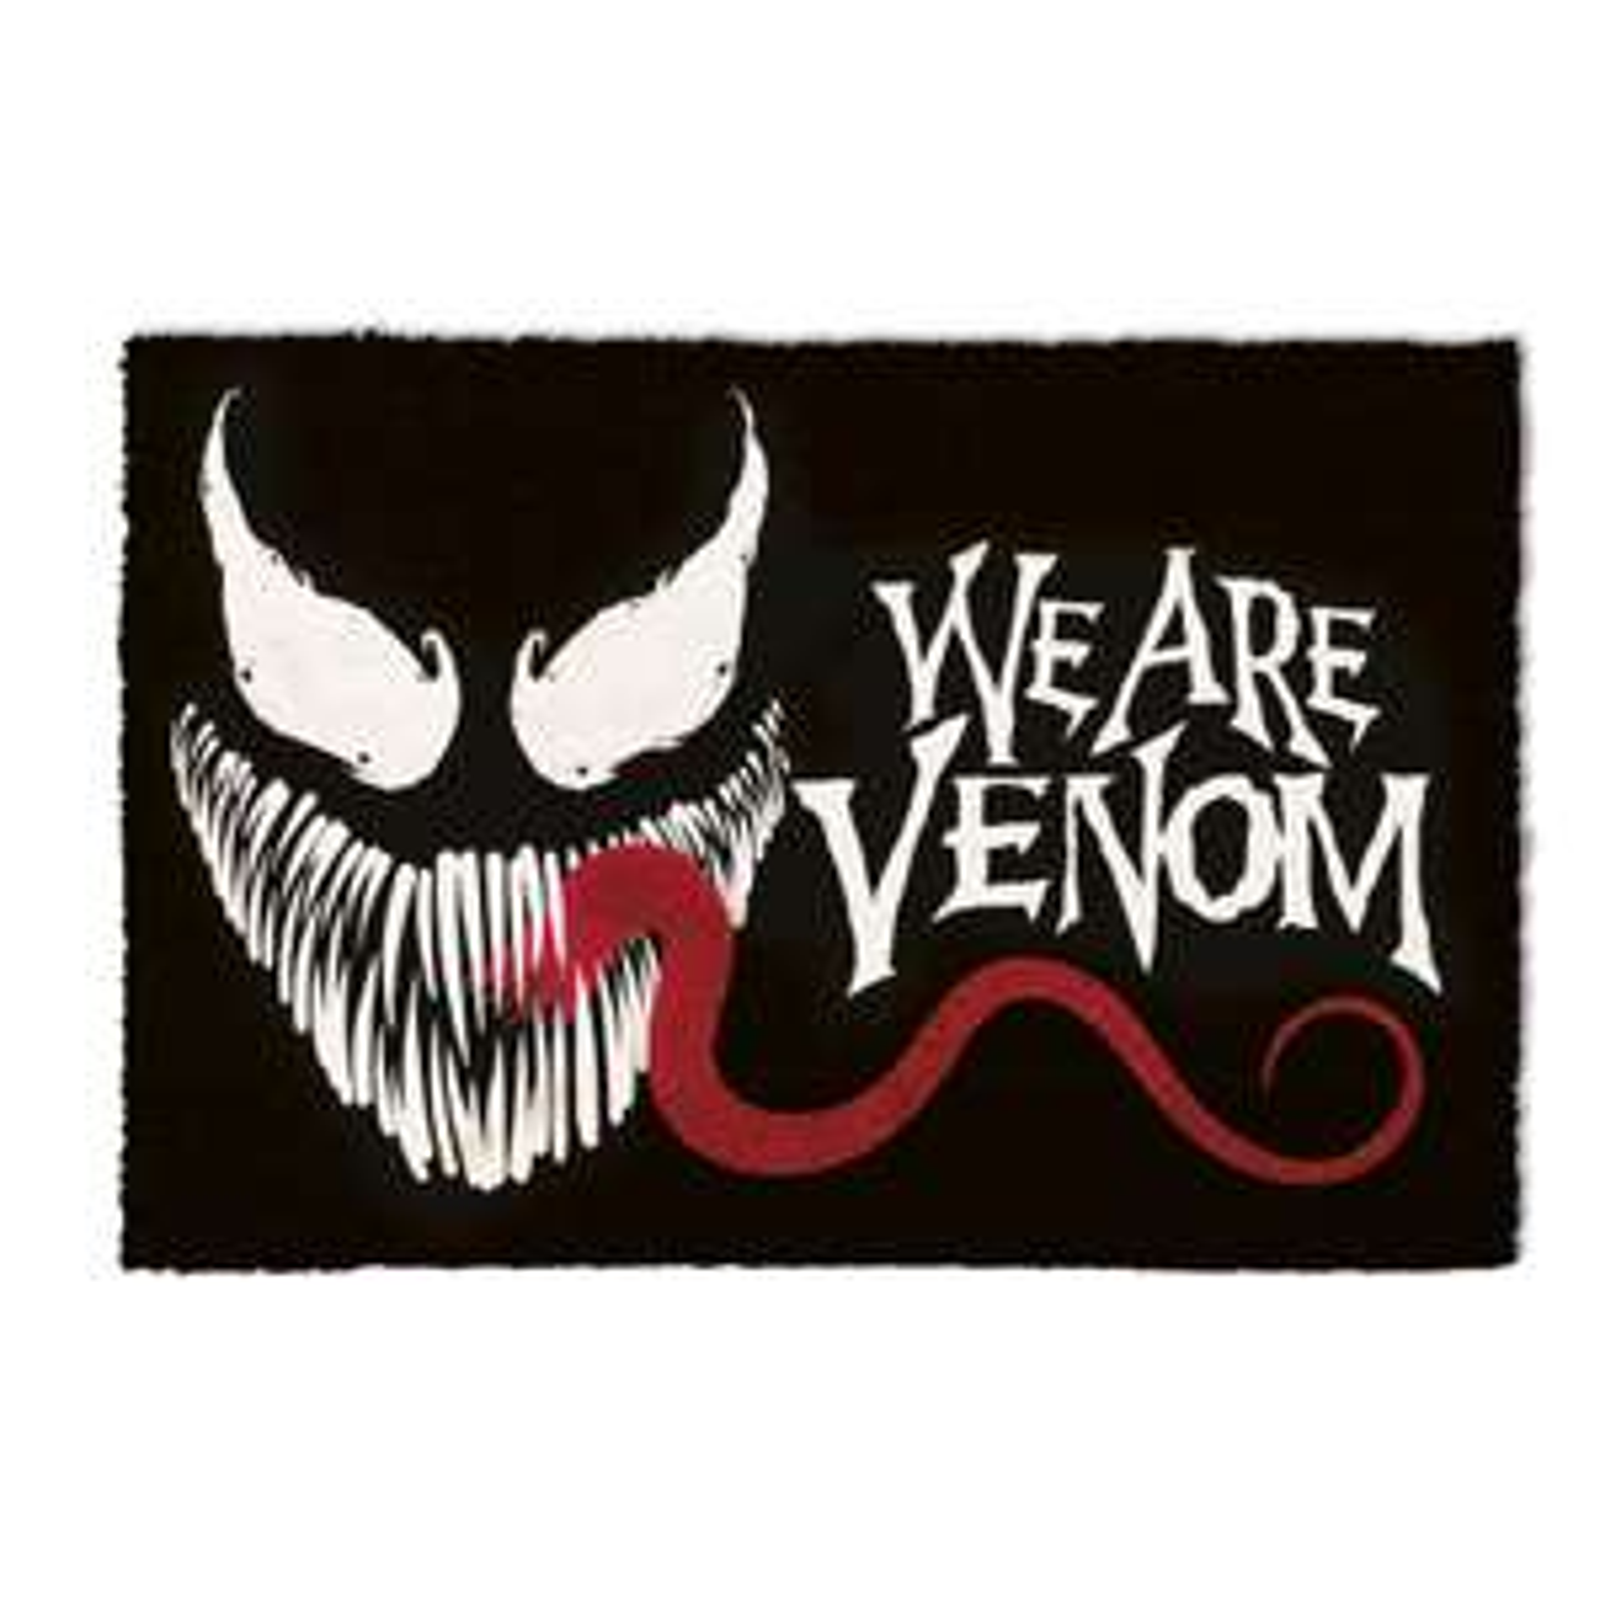 We Are Venom Fußmatte für 12,93€ inkl. Versand (Zoom UK)